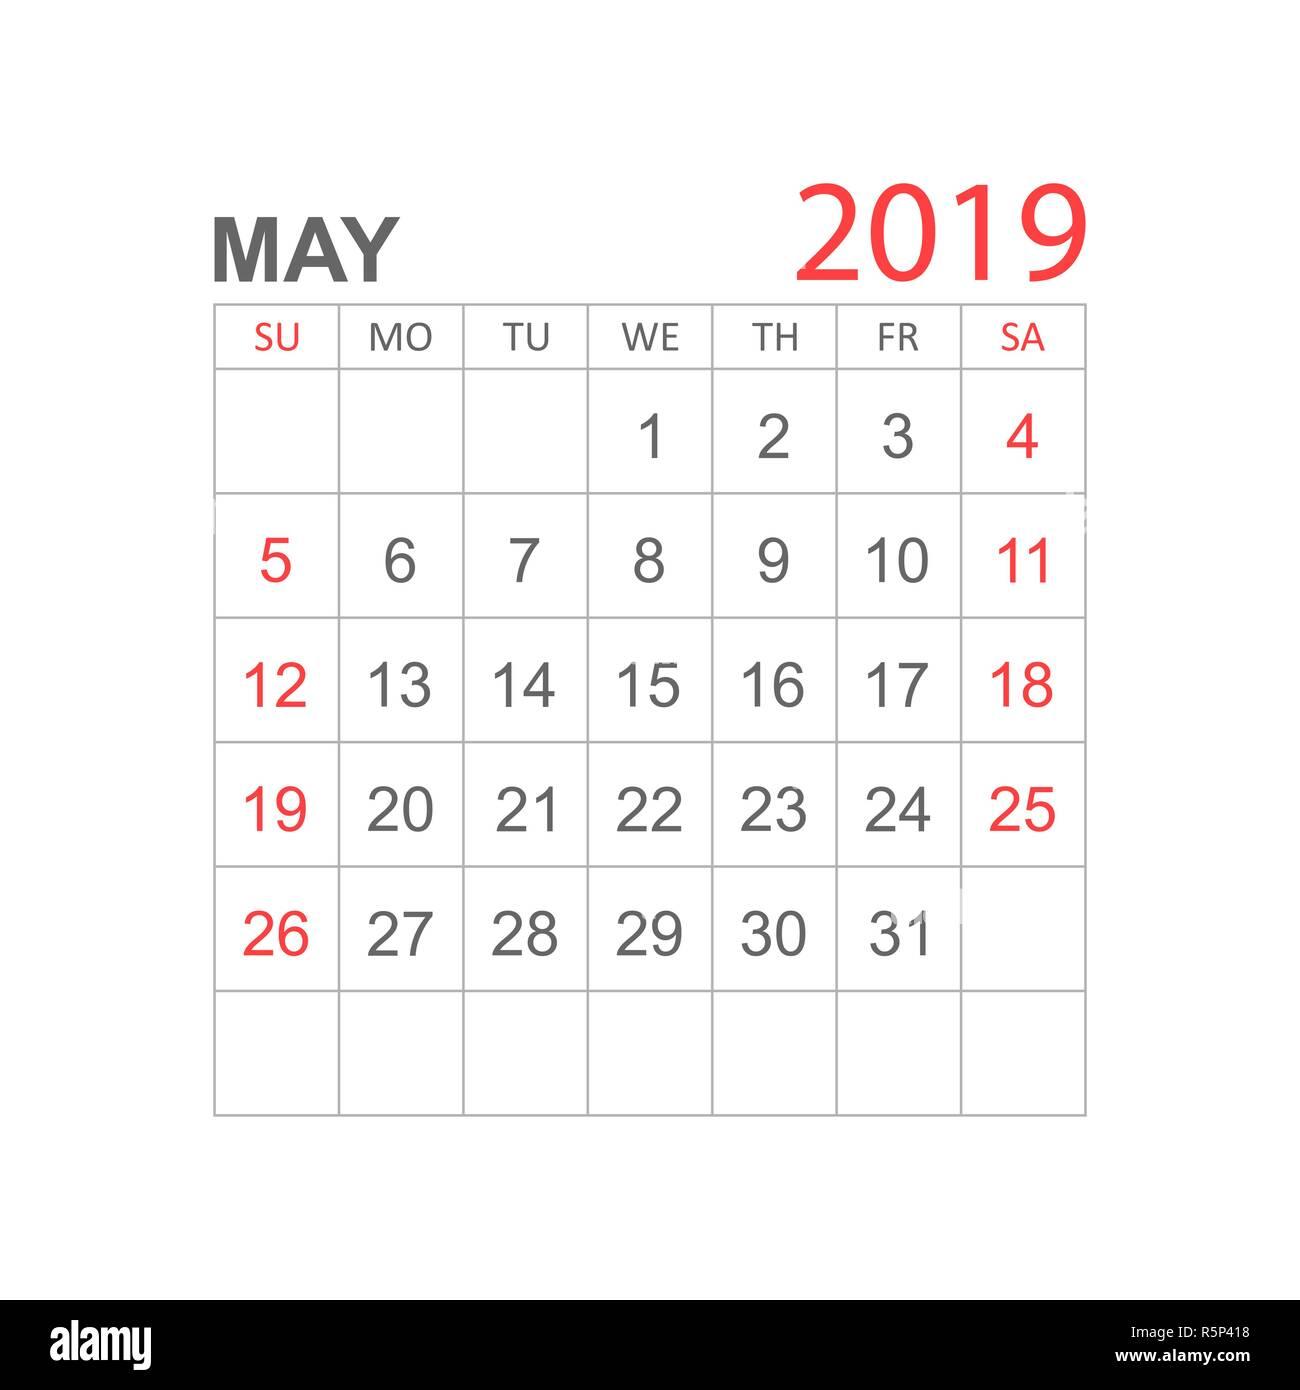 Calendrier Mai2019.Calendrier Mai 2019 Ans Dans Un Style Simple Planificateur